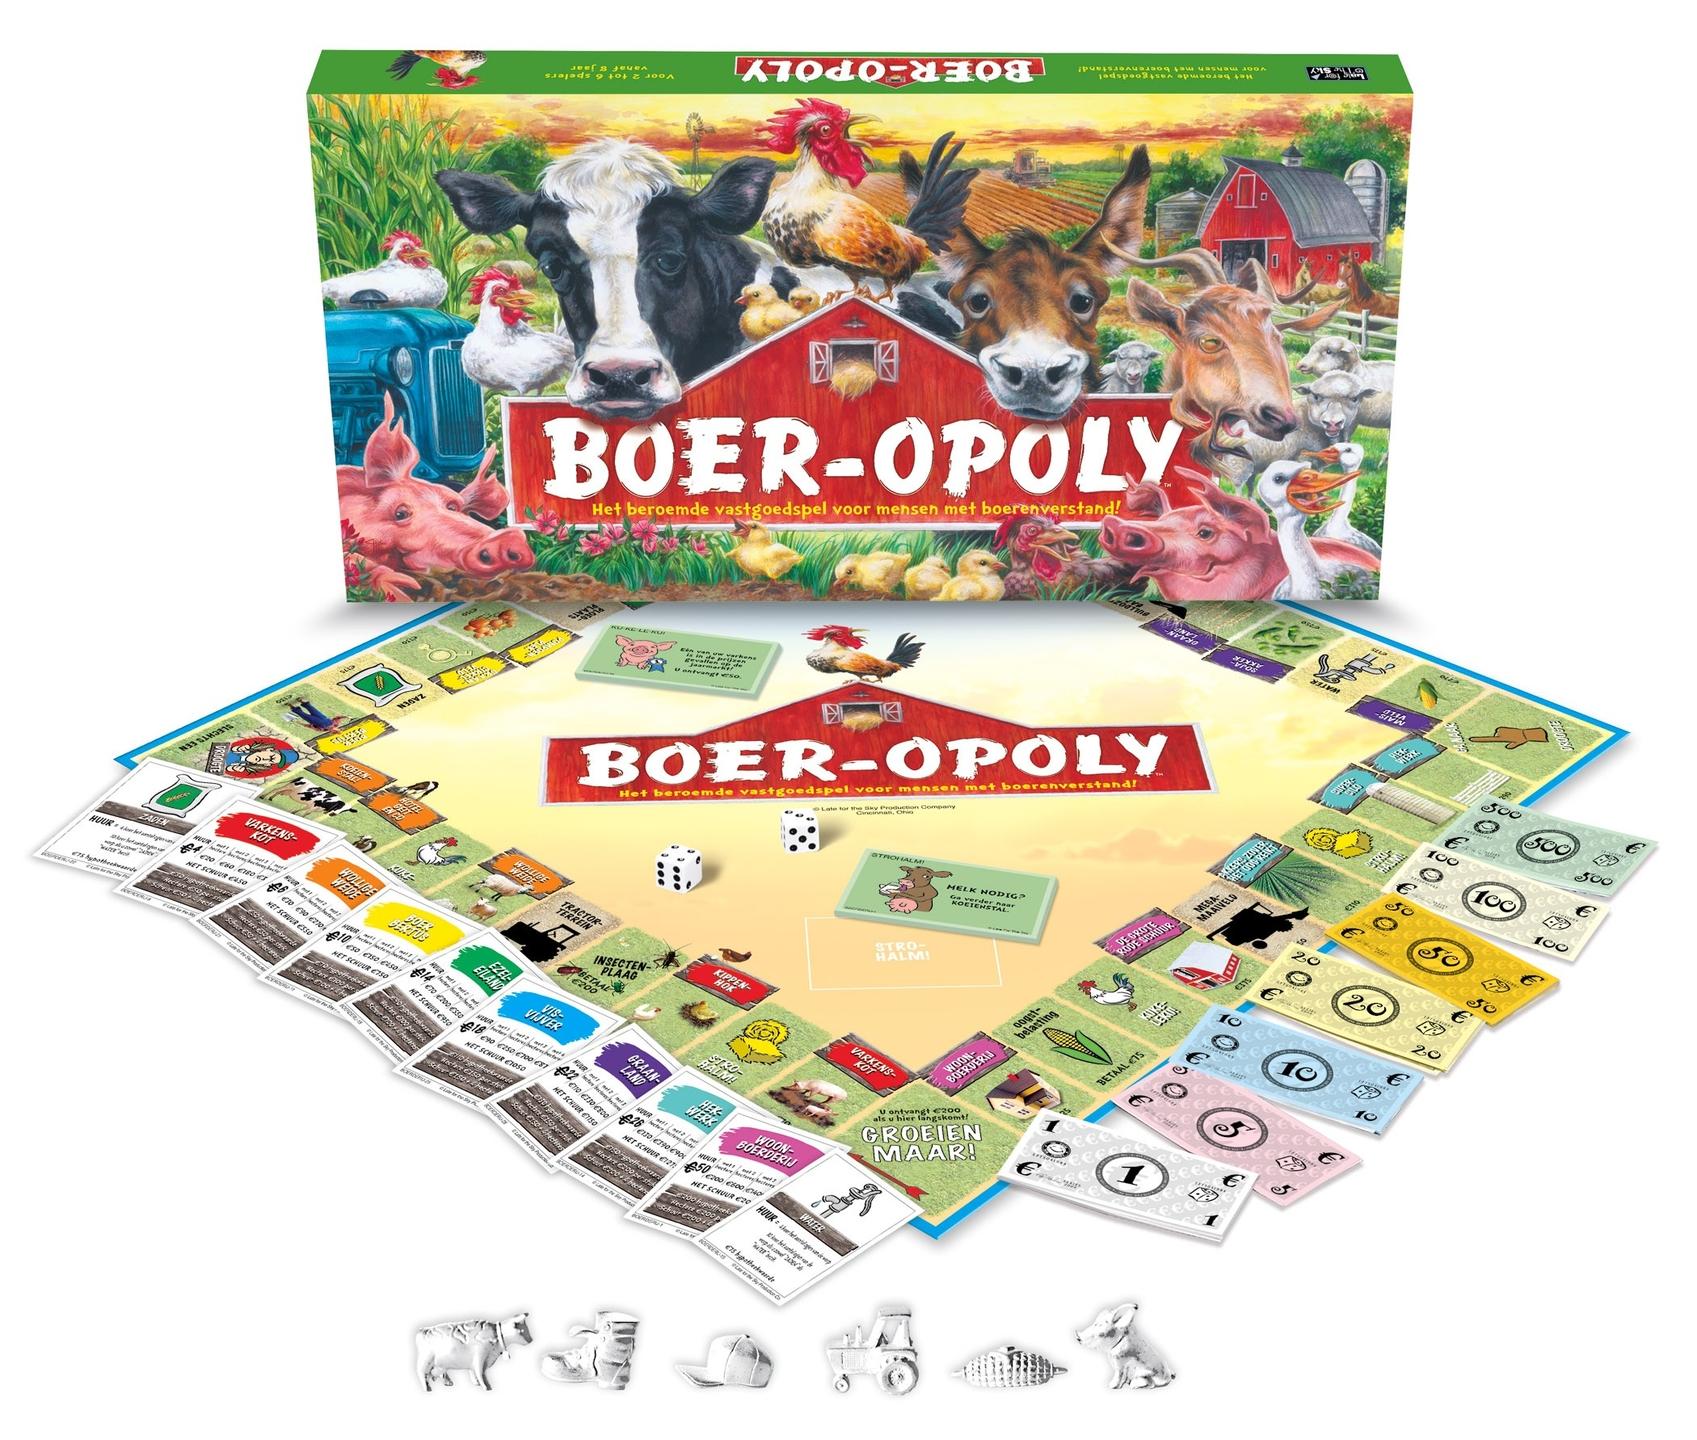 BOER-PAARD-OPOLY SPEL